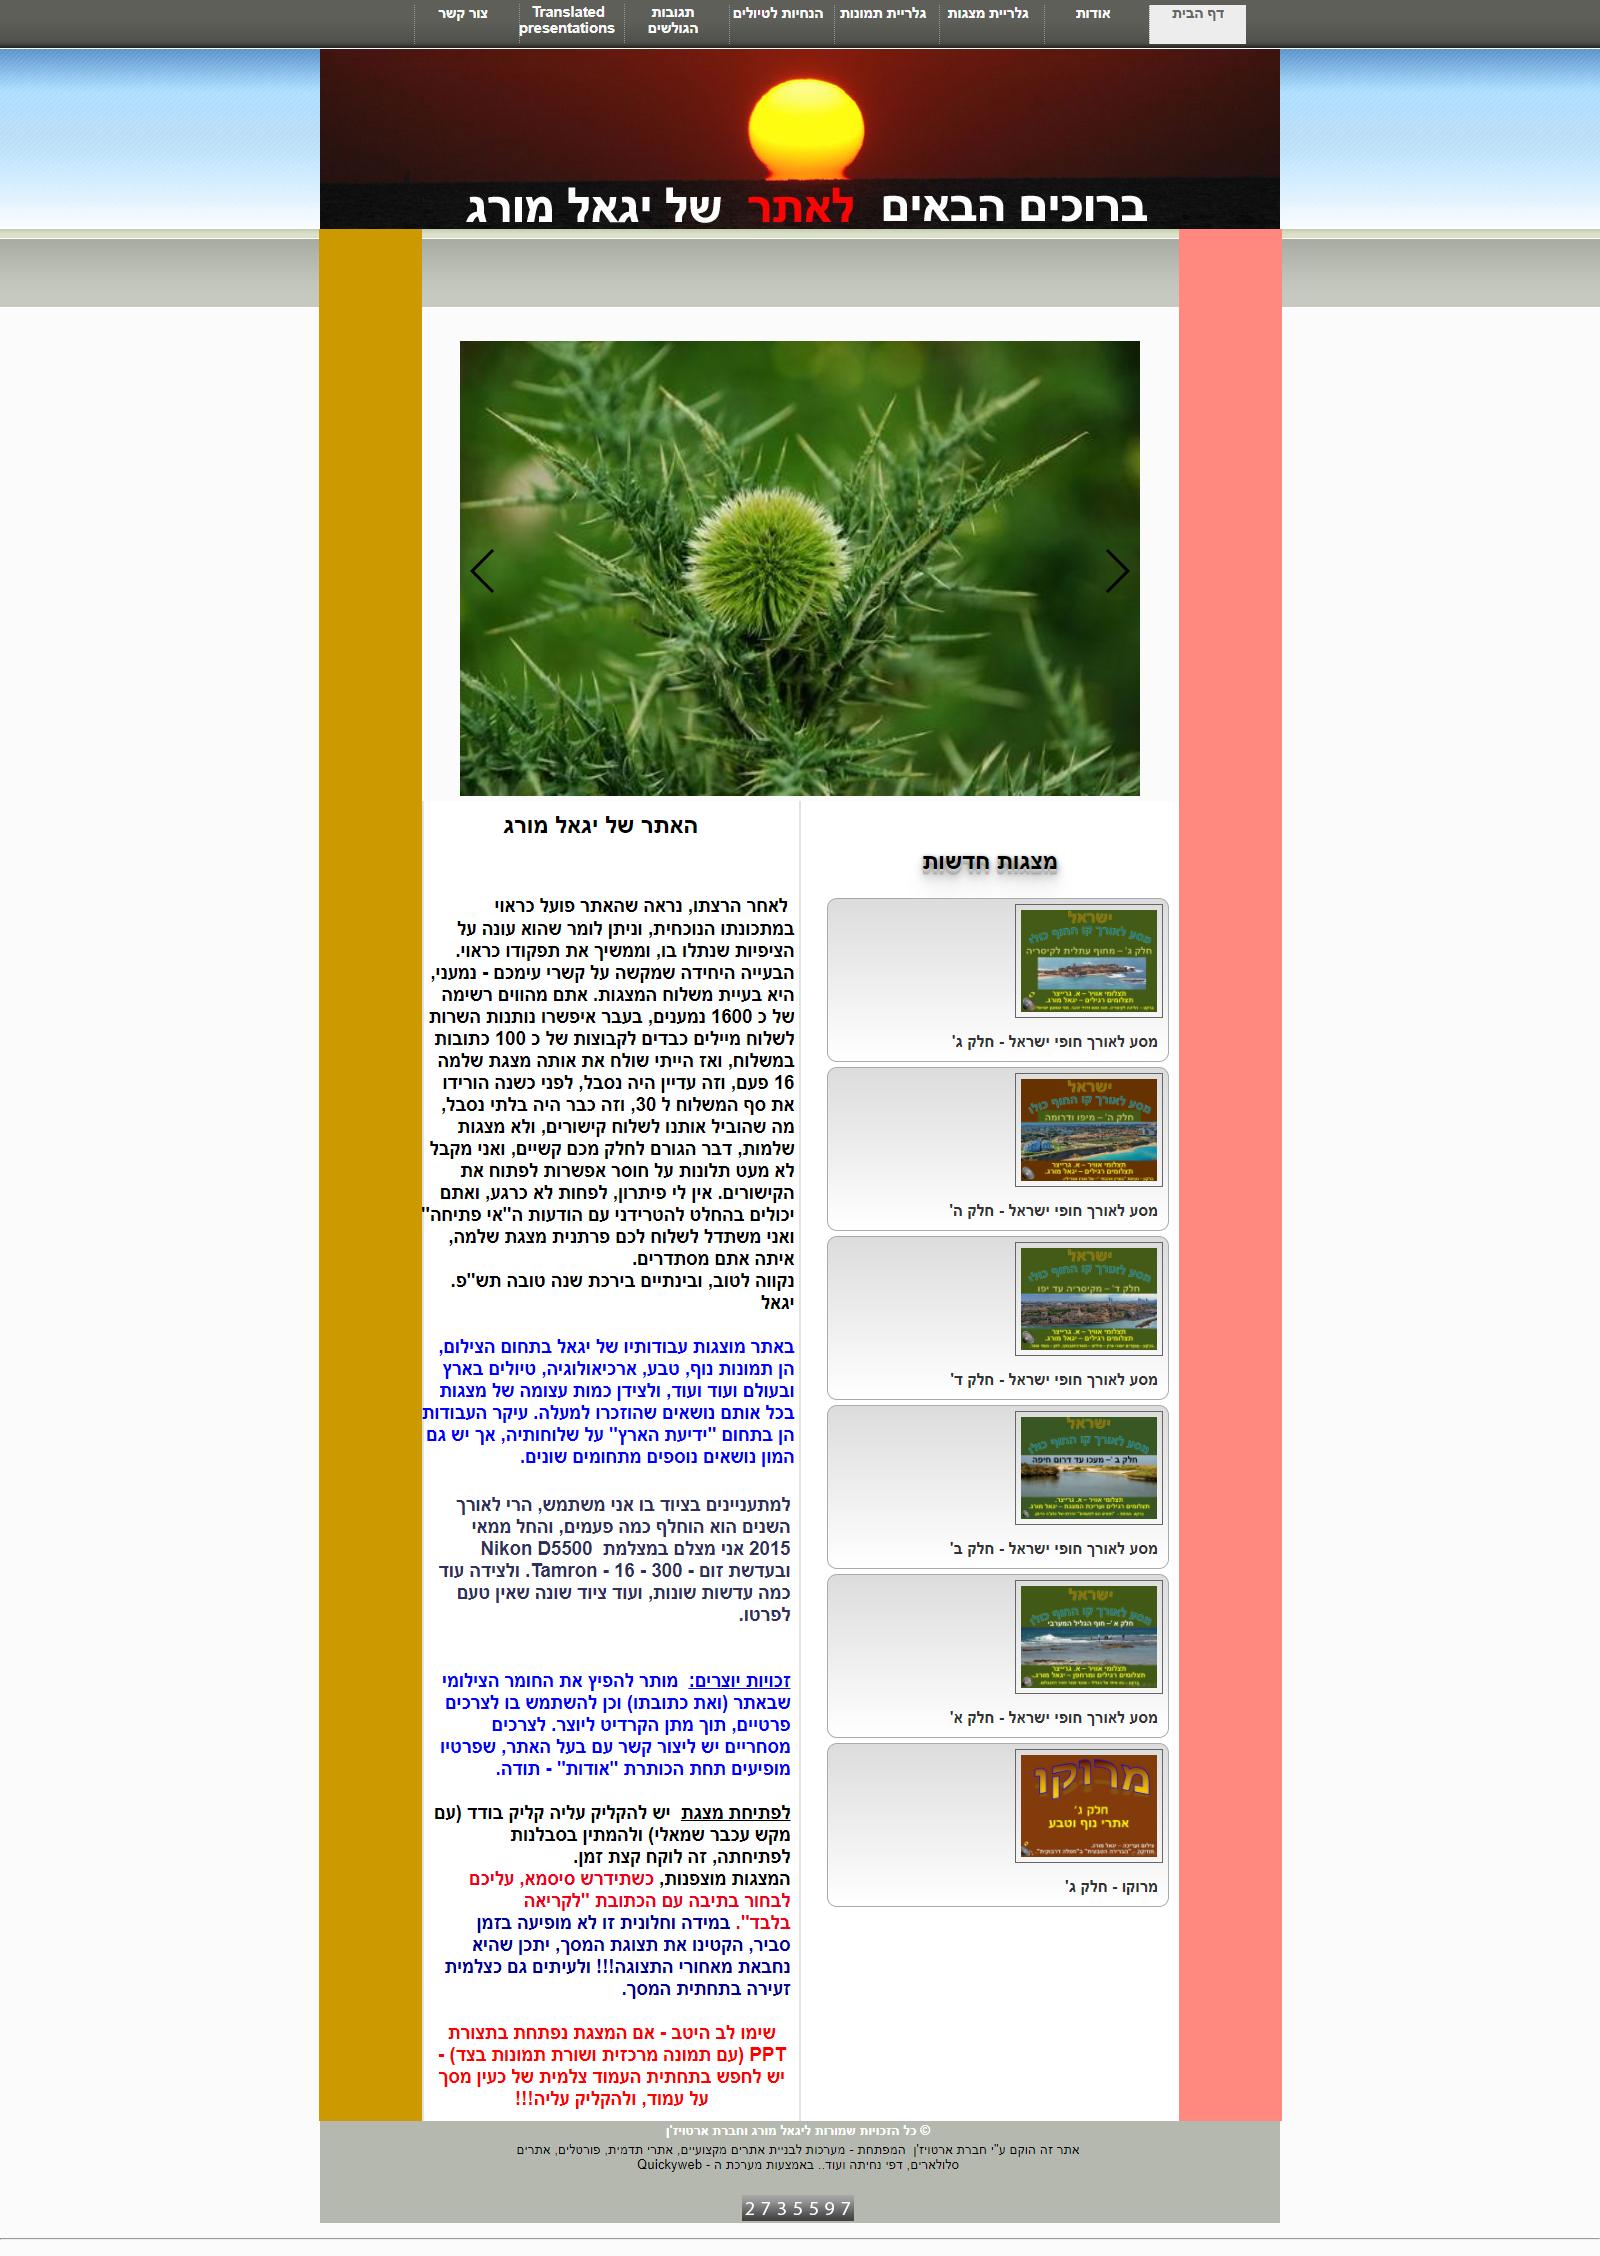 האתר של יגאל מורג - טיולים ותמונות